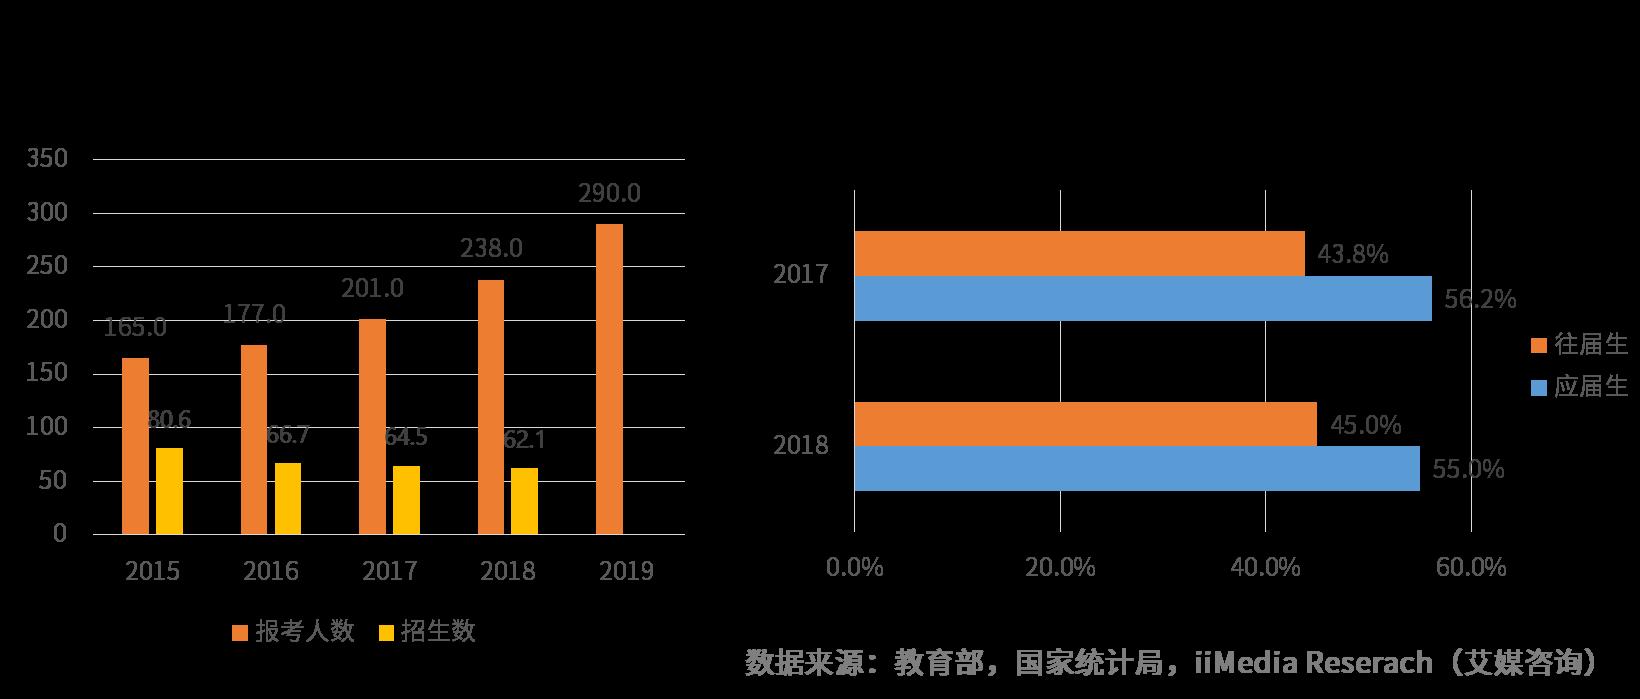 2015-2019中国研究生包括人数规模与招生数